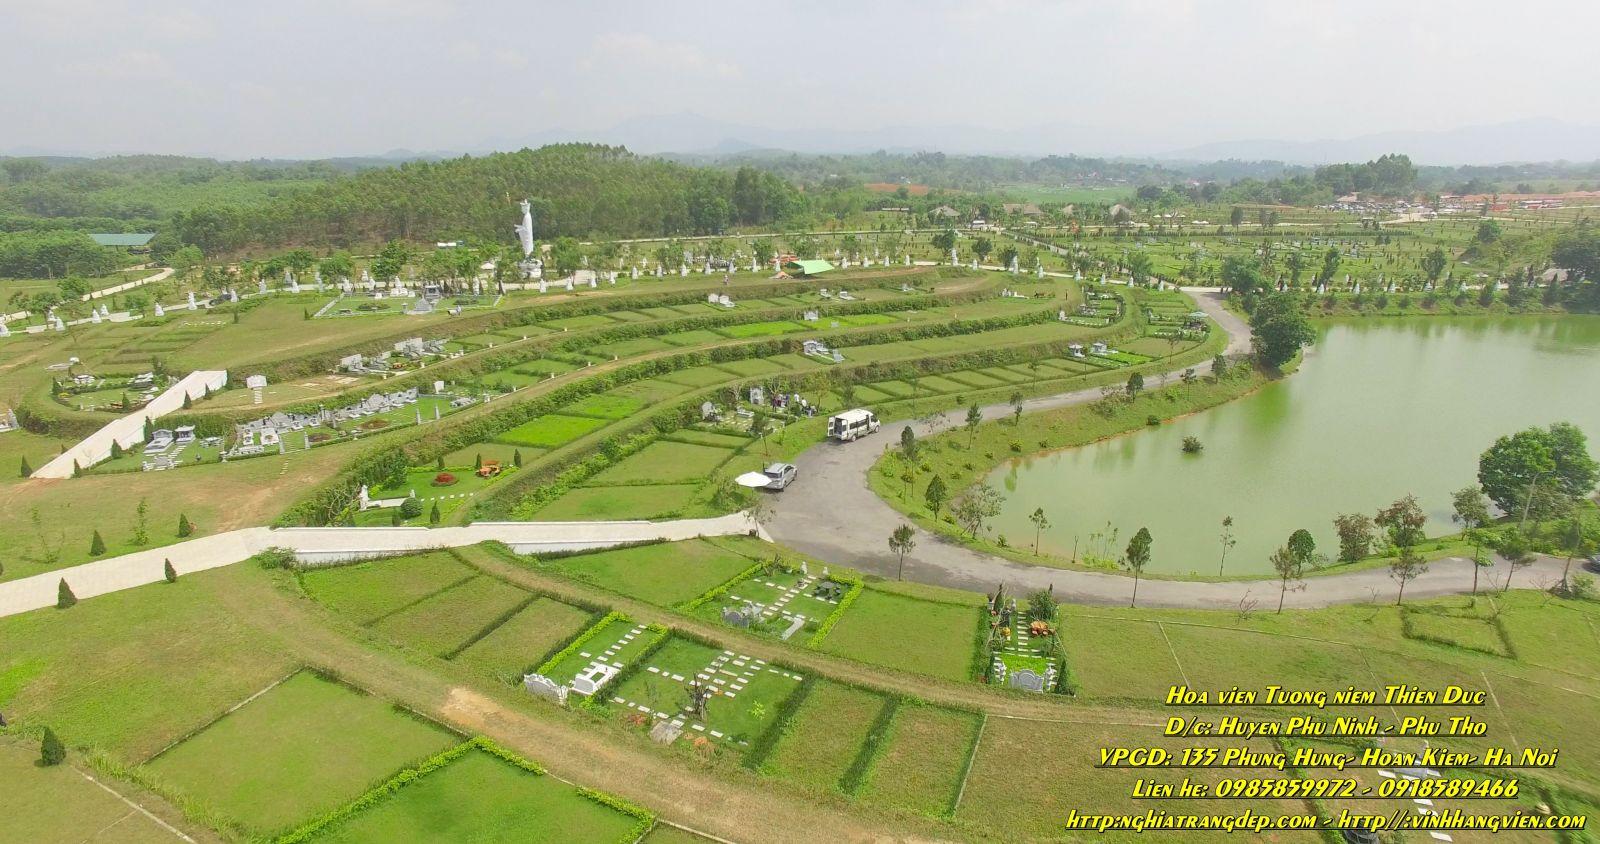 Khu đất nghĩa trang Vĩnh Hằng Viên giá rẻ tại Hà Nội Nghia-trang-vinh-hang-vien-gia-re